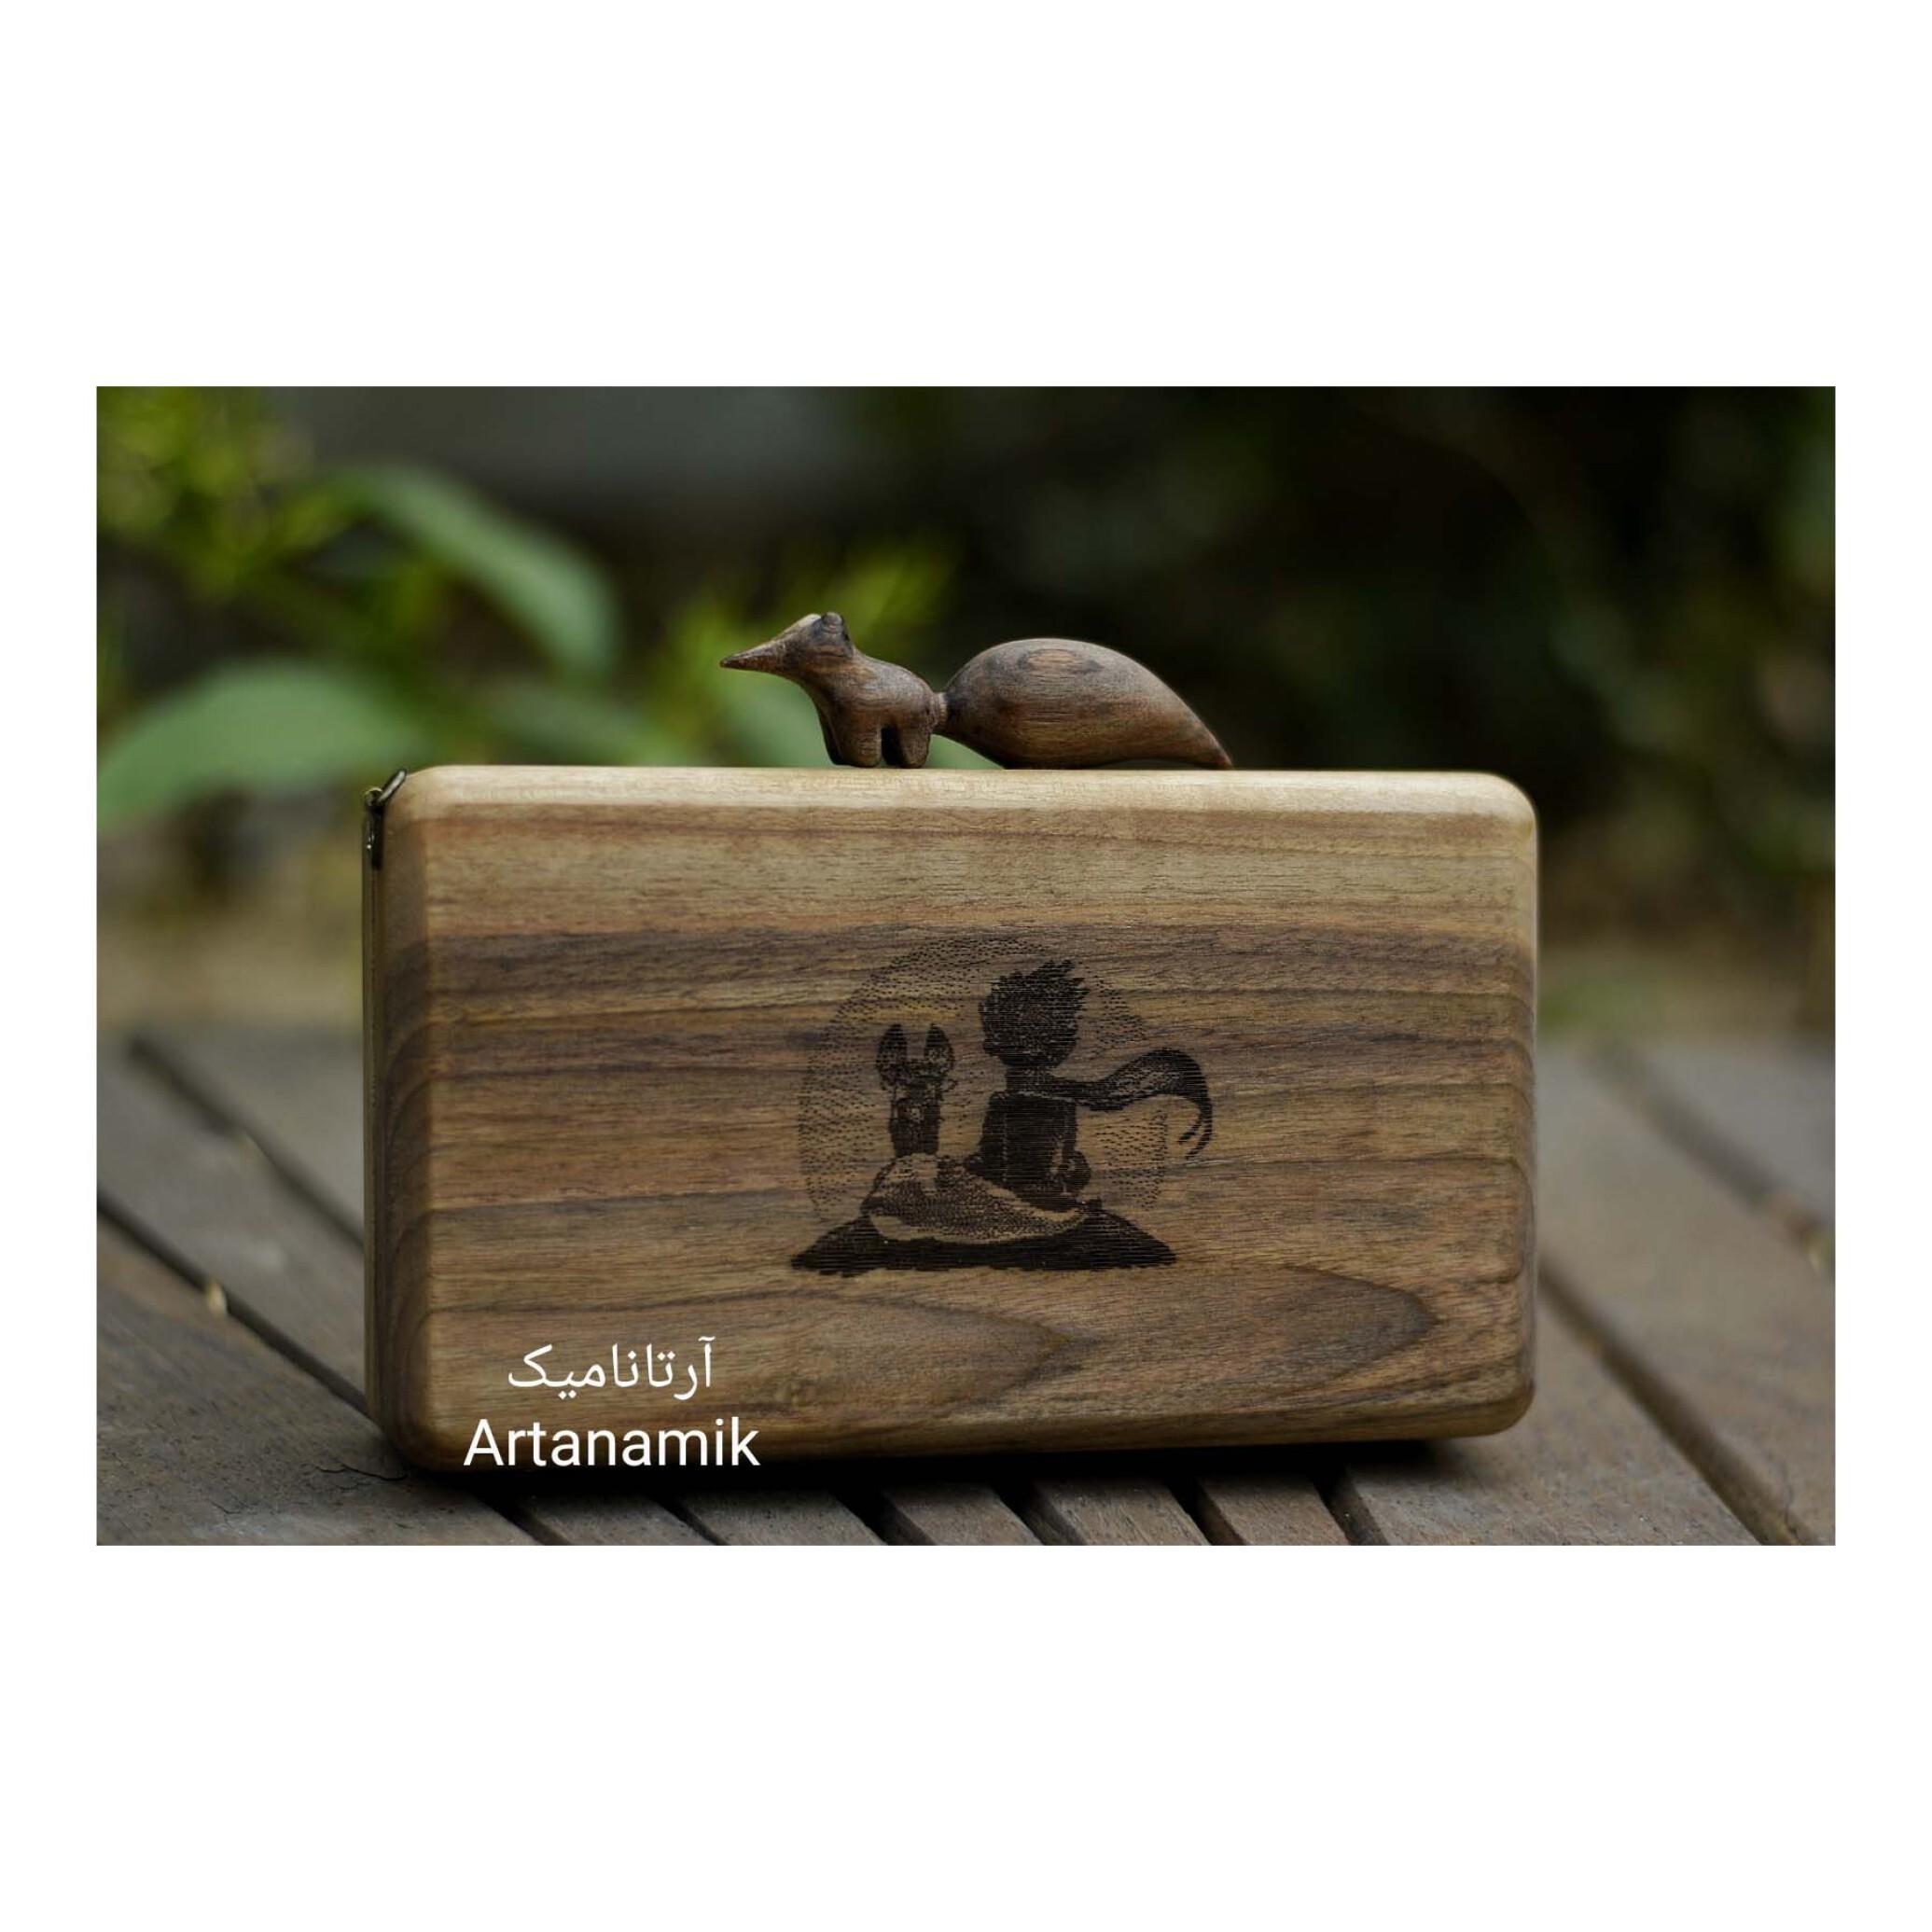 کیف چوبی کادویی طرح شازده کوچولو، چرم دوزی شده و ساخته شده از چوب گردو